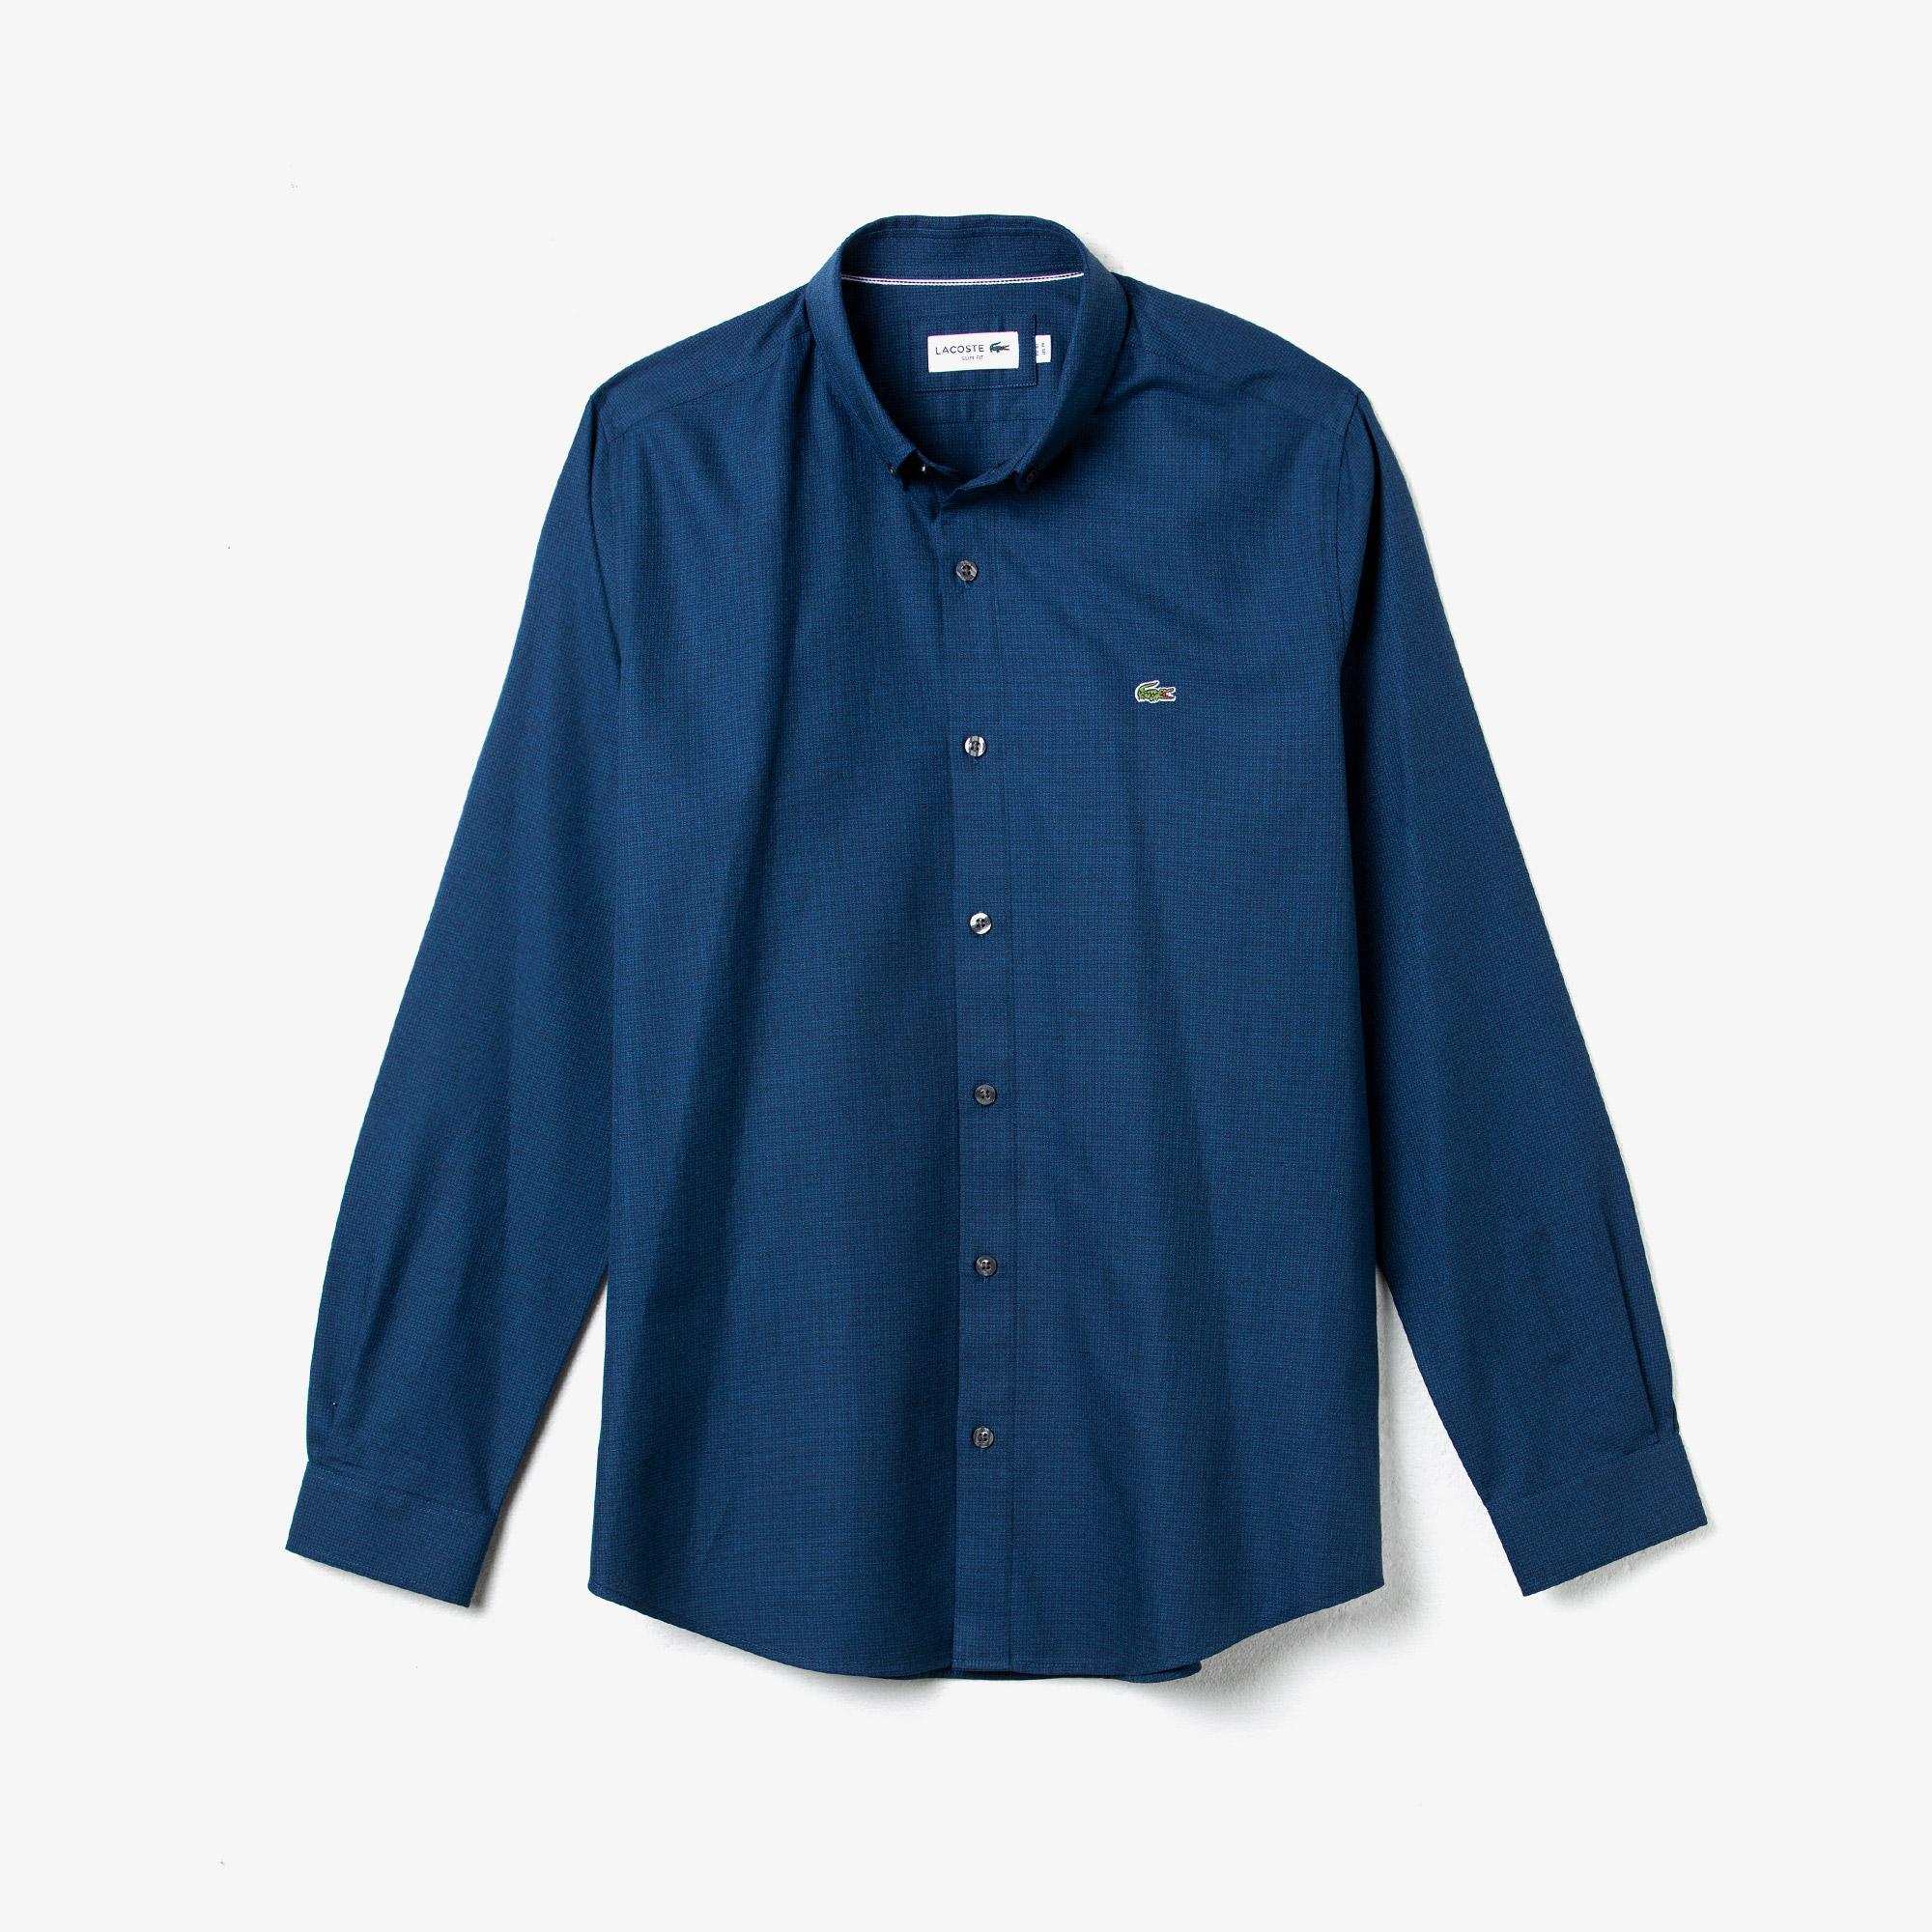 Lacoste Erkek Slim Fit Desenli Düğmeli Yaka Mavi Gömlek